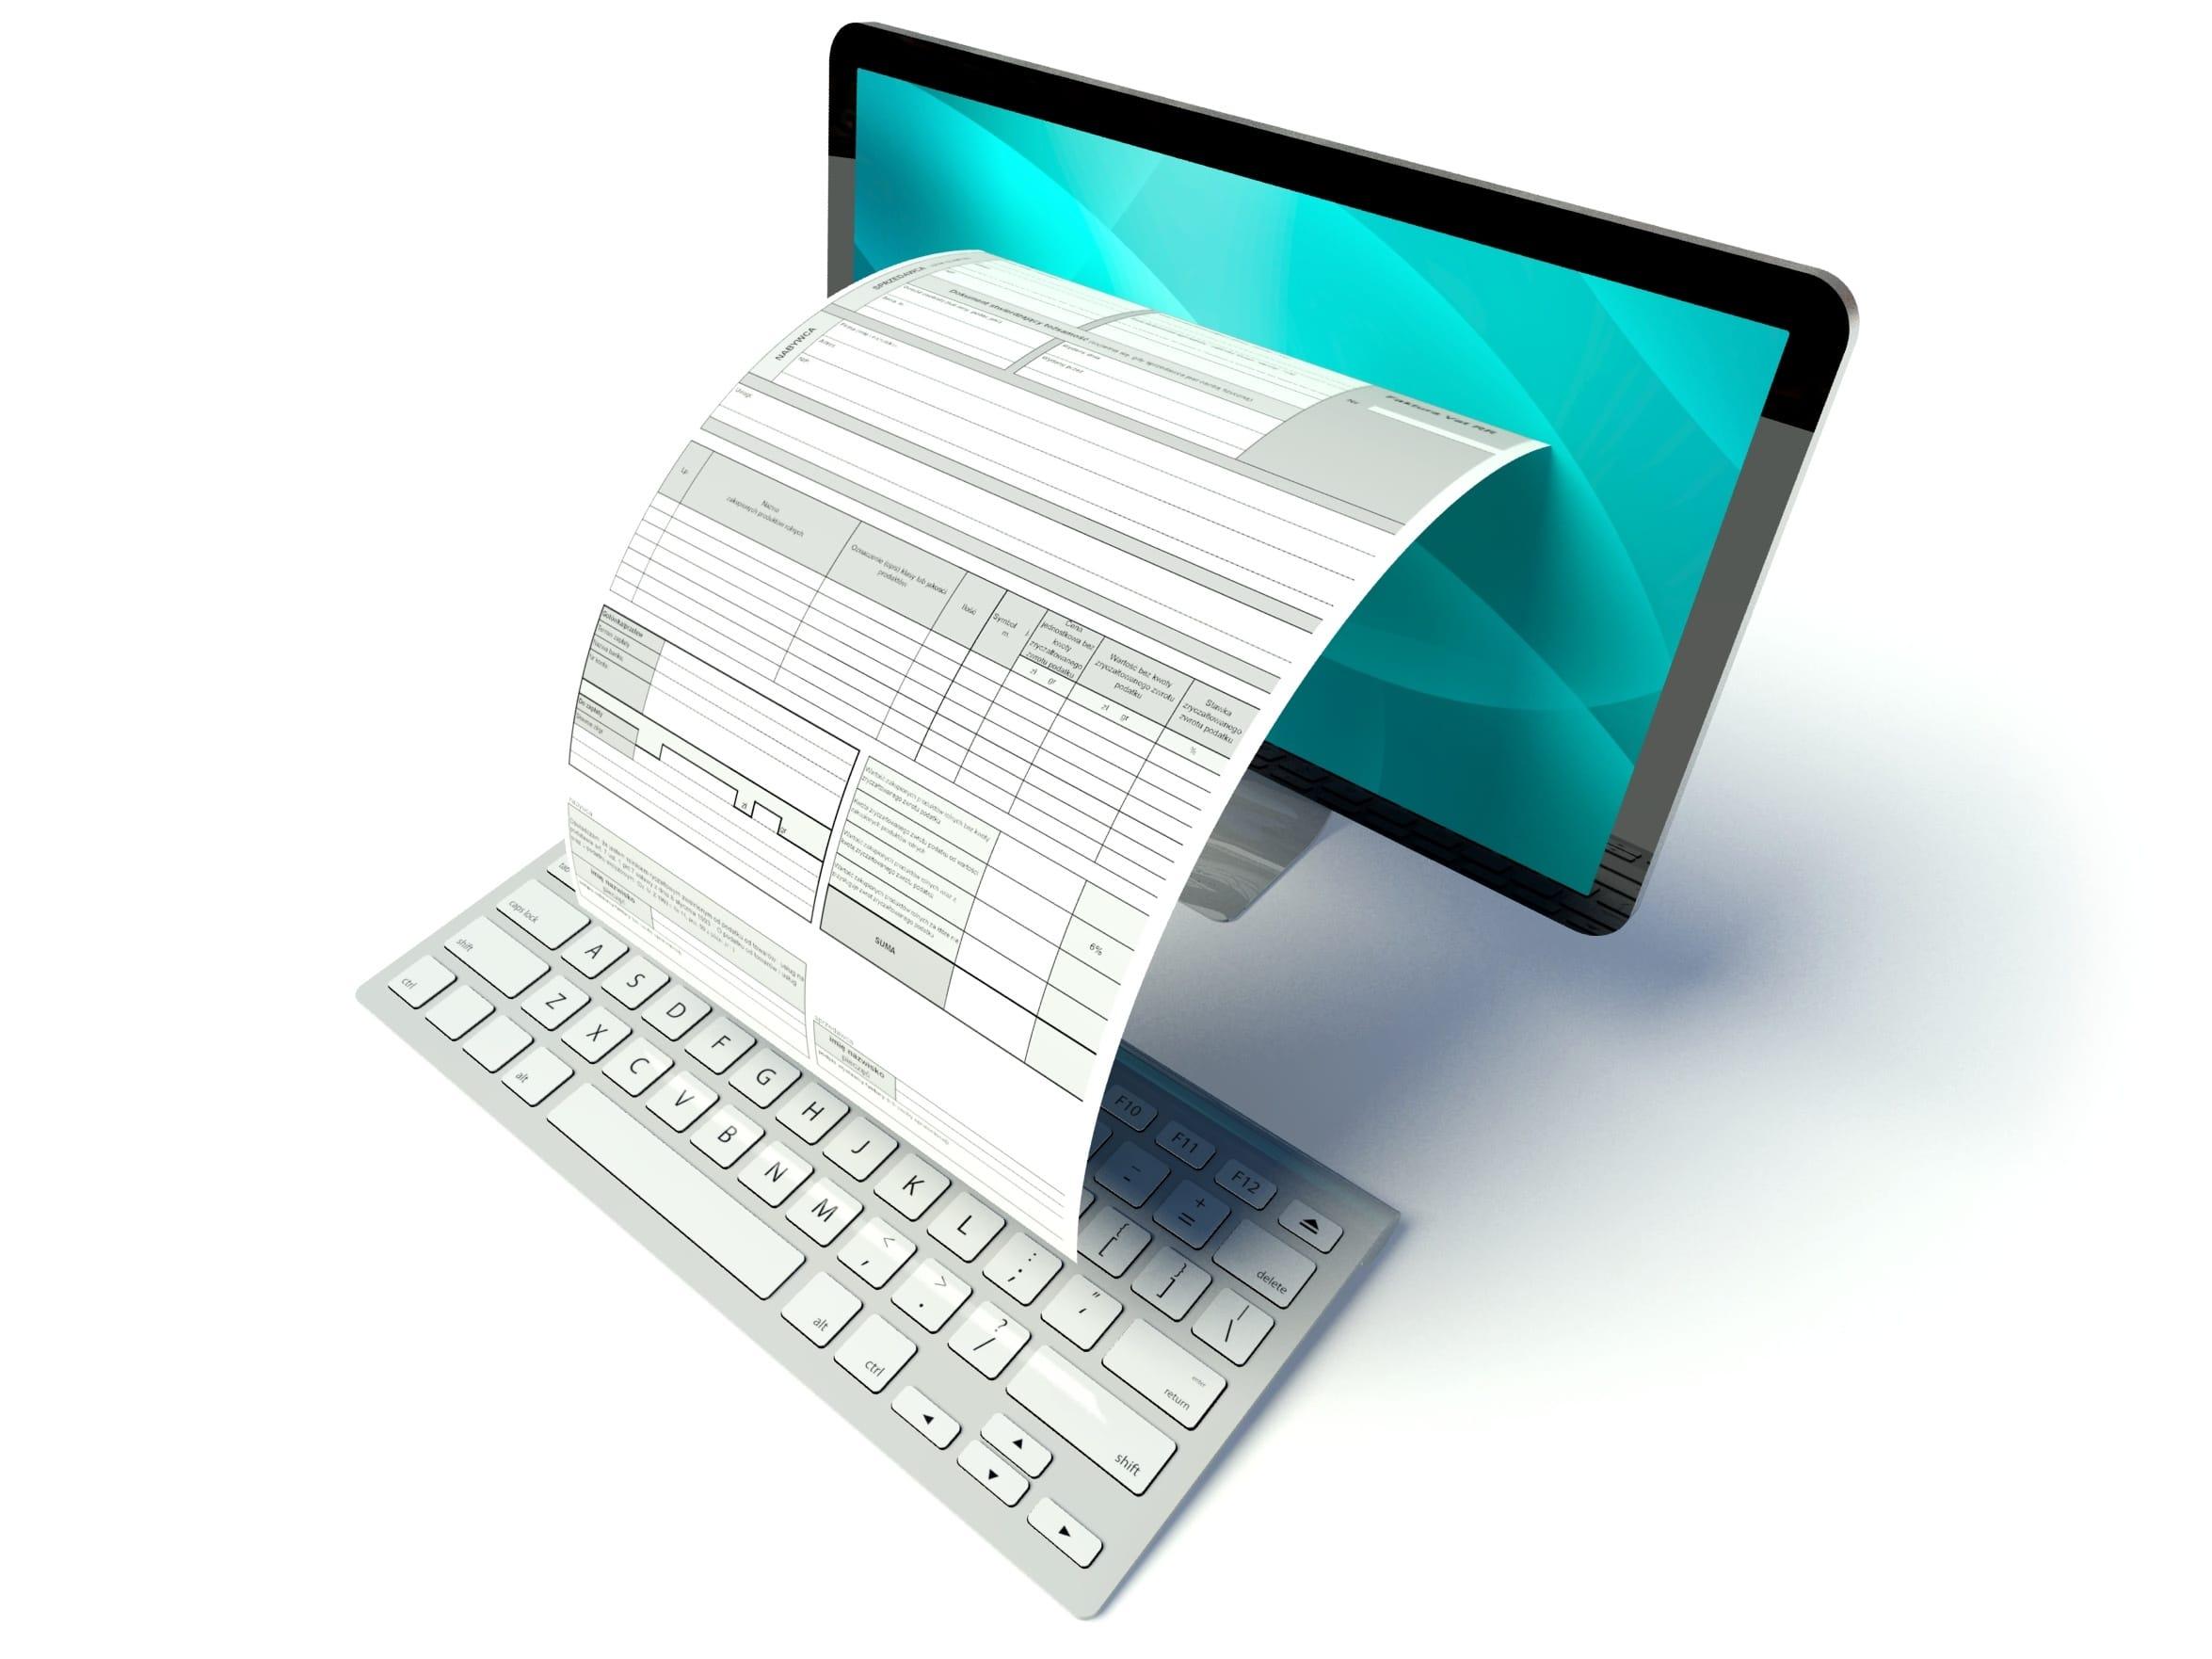 E-Rechnung: Steuerberater hilft